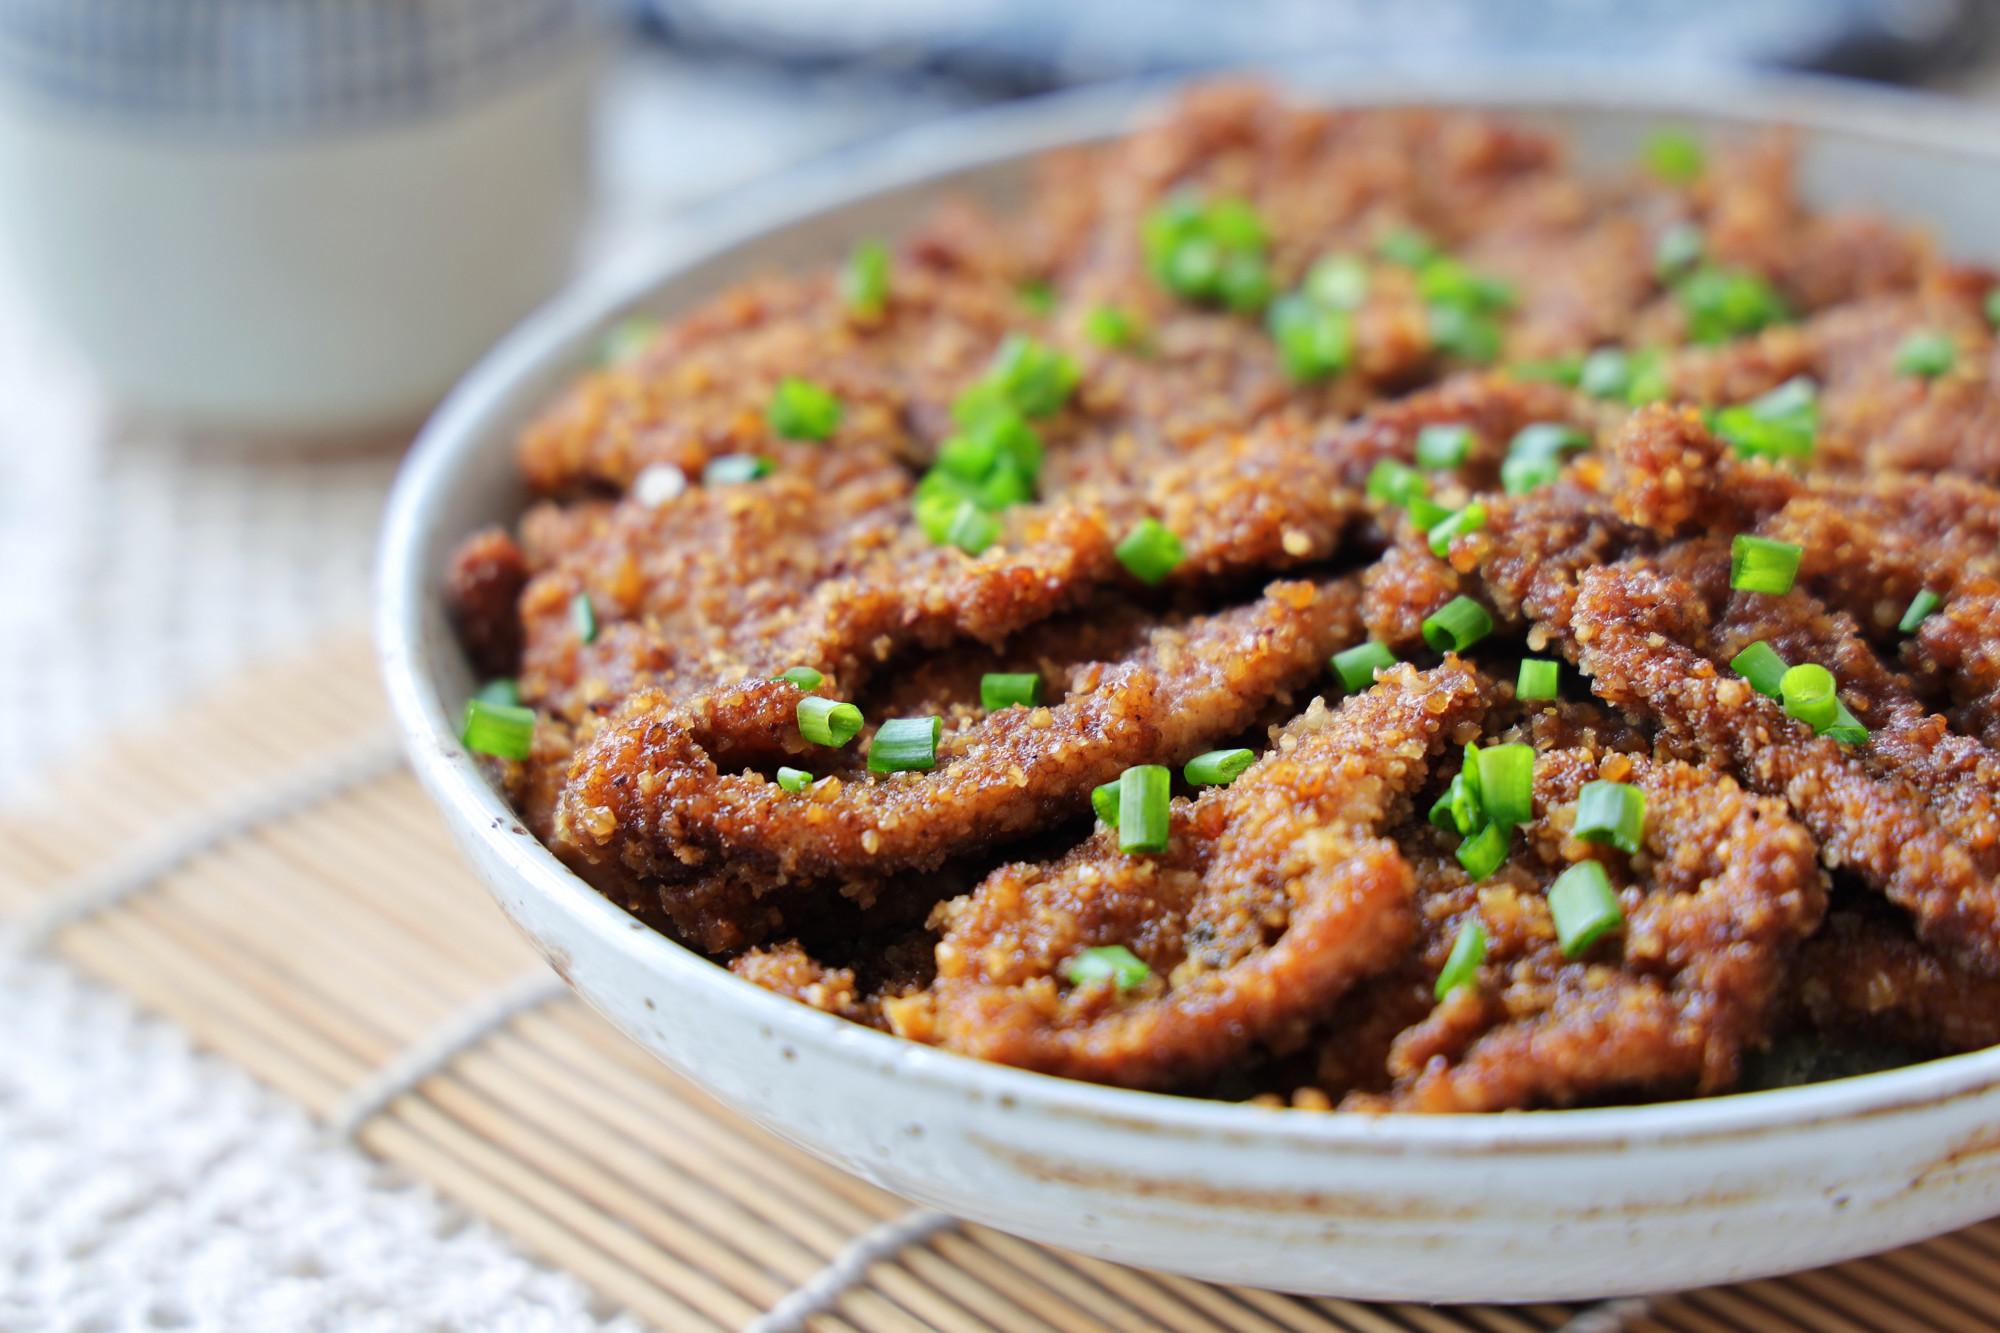 雞胸肉還可以這樣吃,不用一滴油,上鍋蒸一蒸健康美味兩不誤